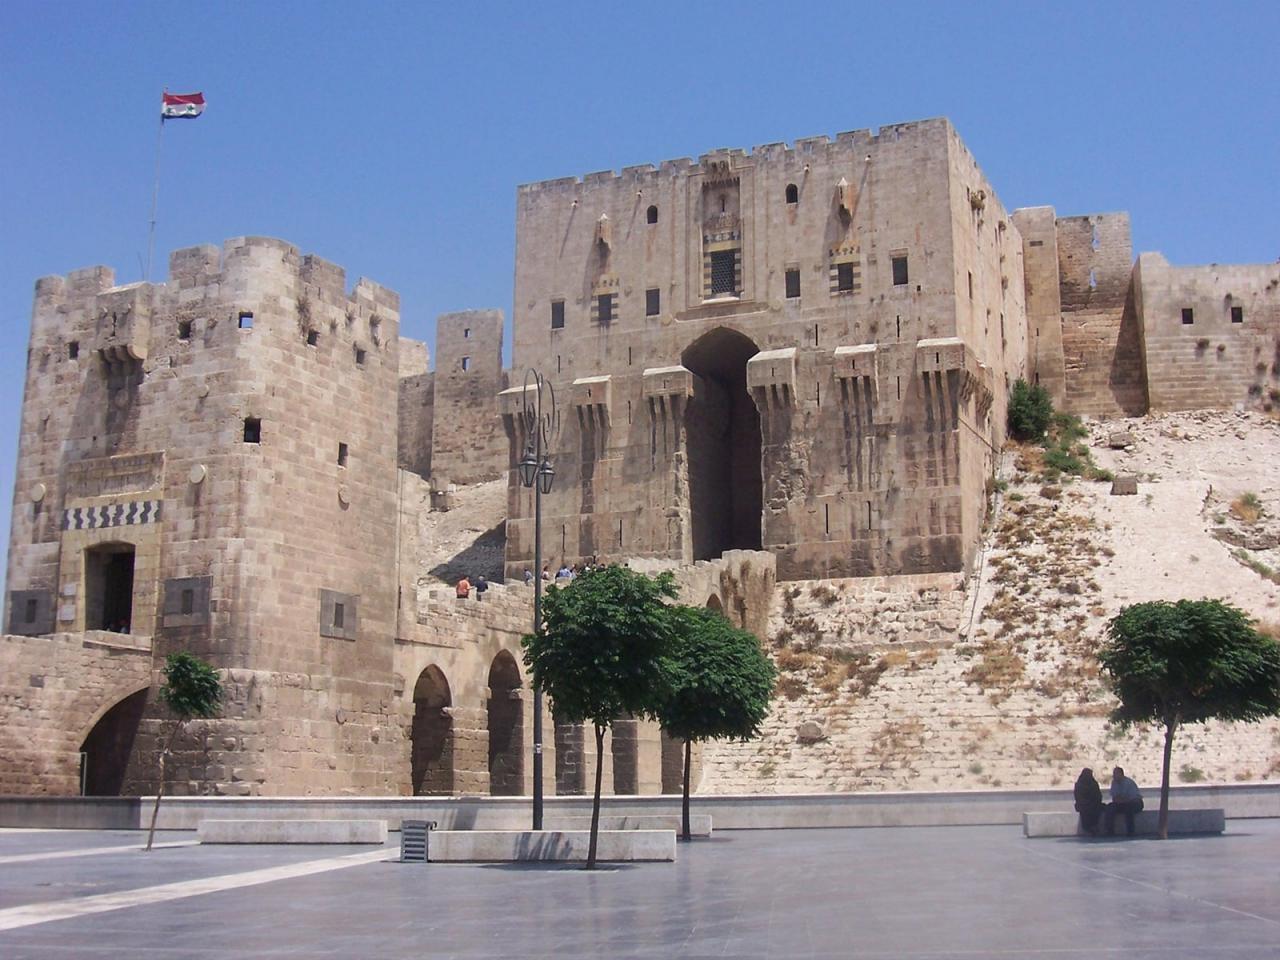 قلعه حلب در مرکز شهر قدیمی حلب